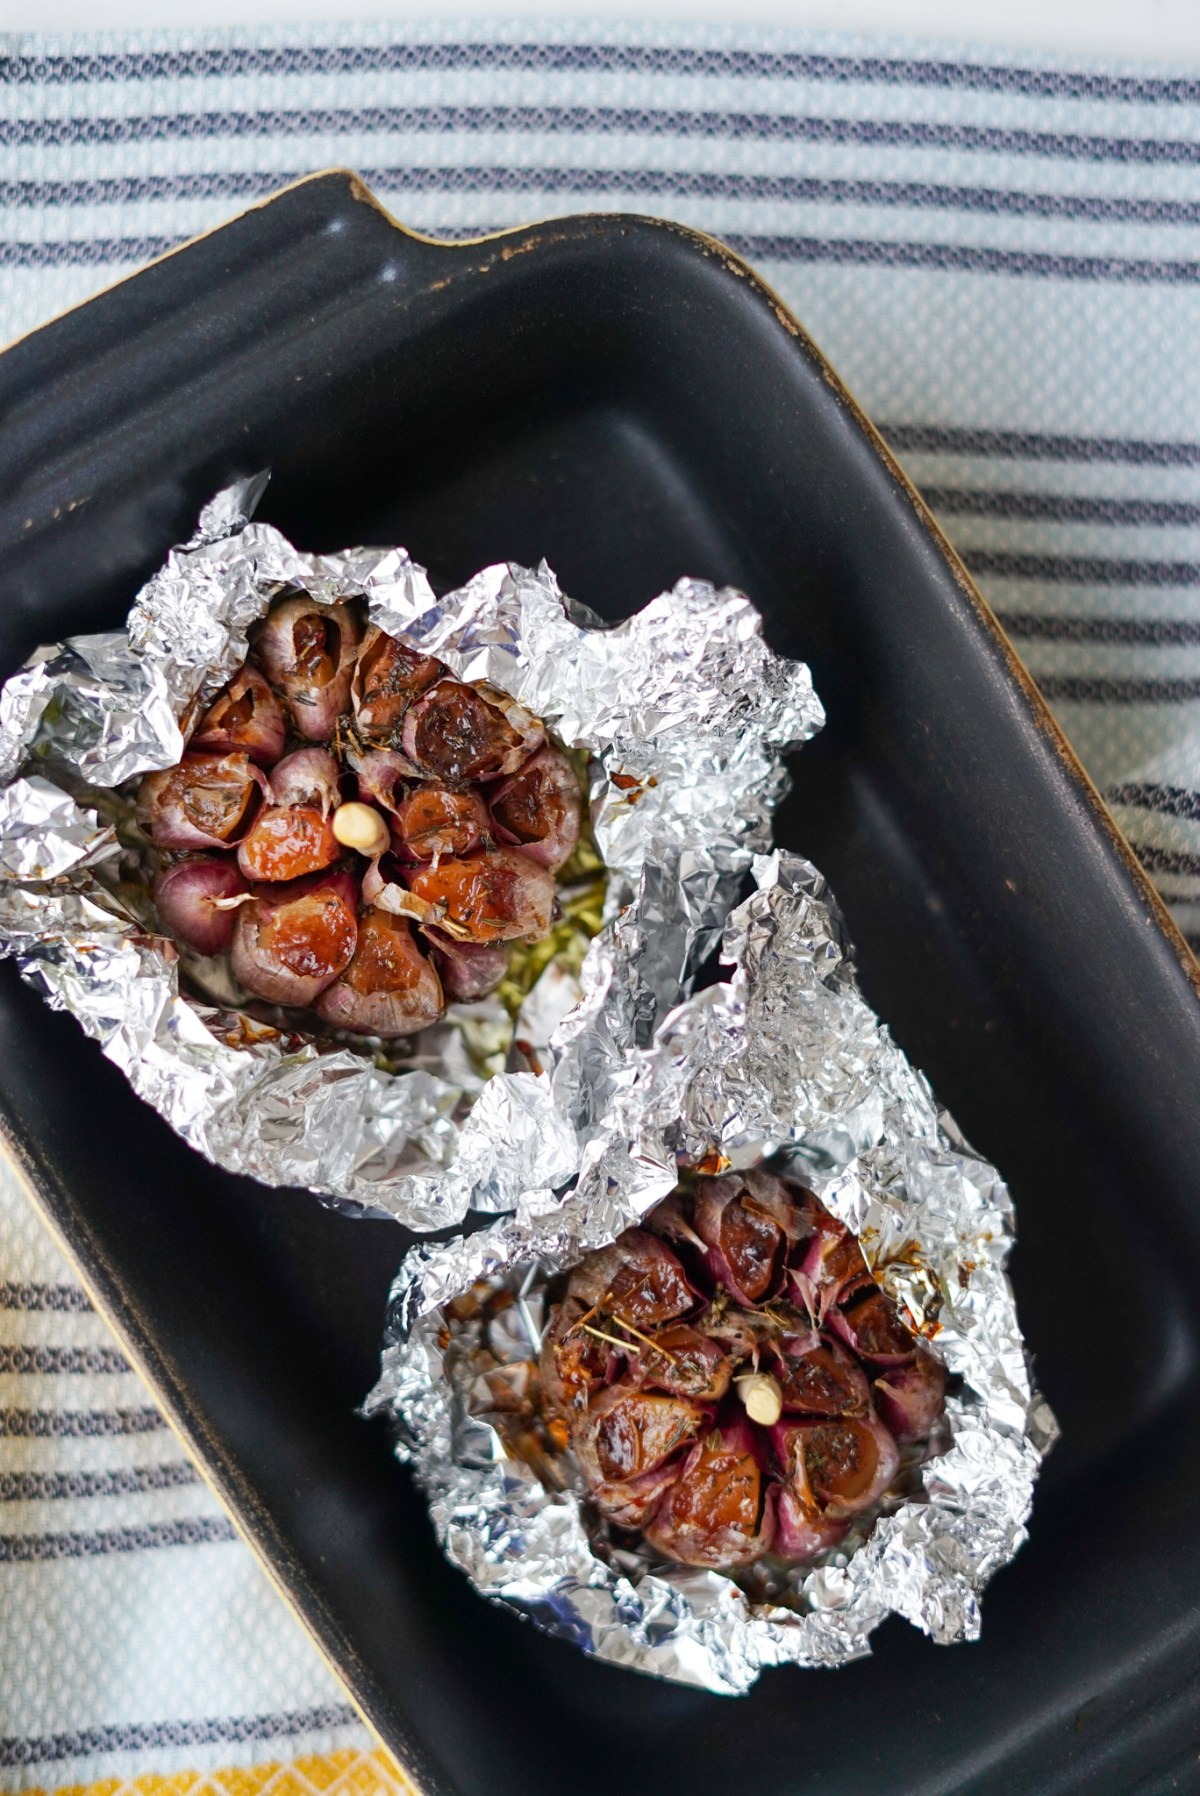 como fazer alho assado cremoso no forno